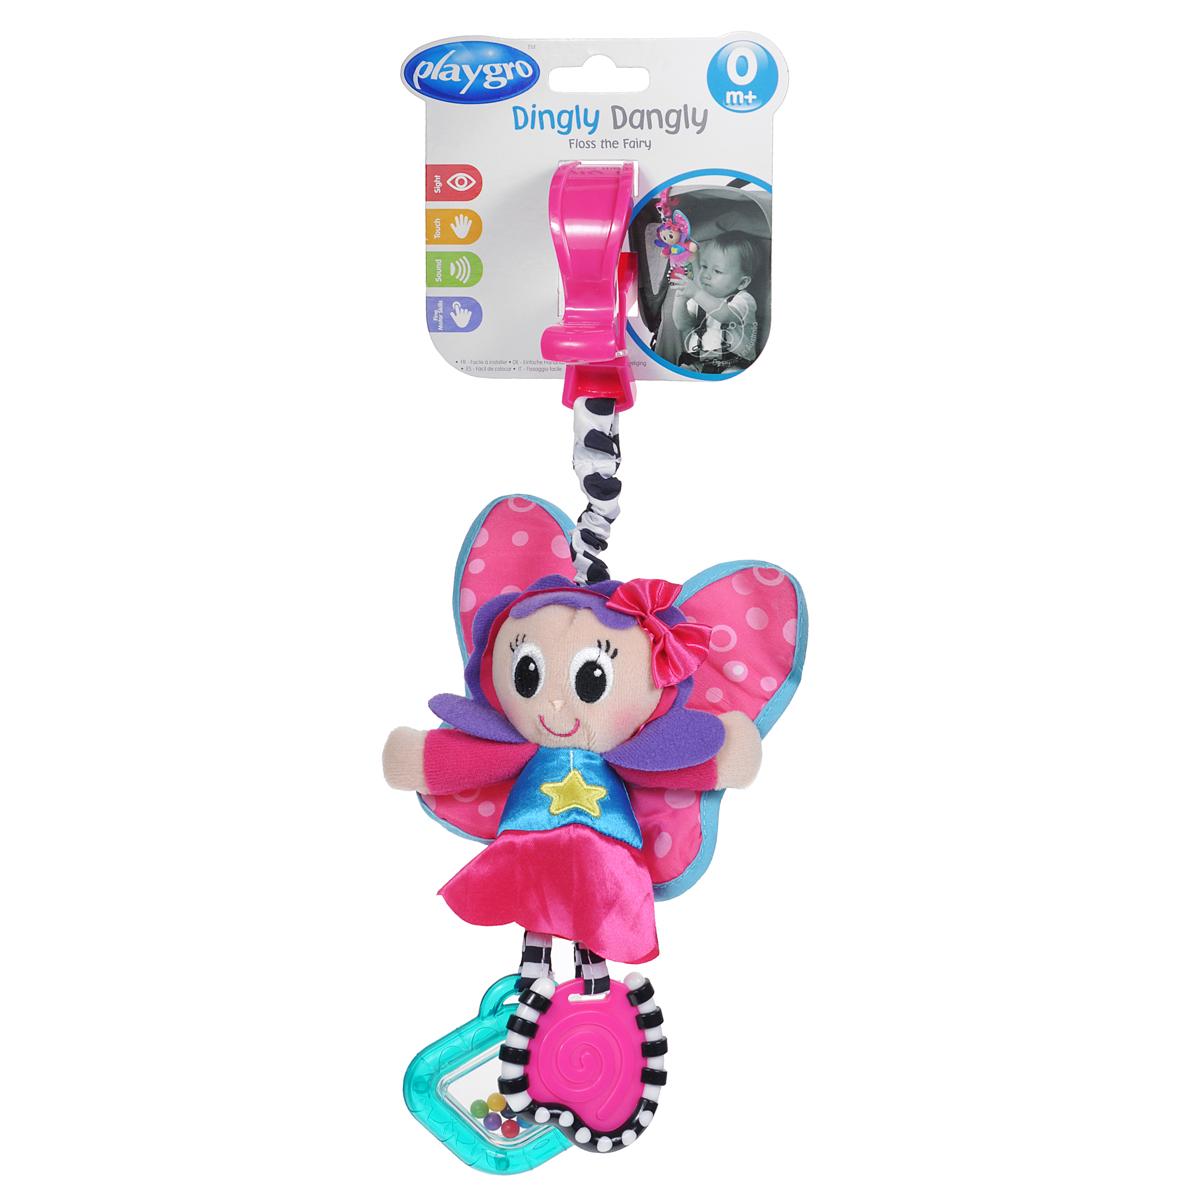 Игрушка-подвеска Playgro Бабочка0182850Мягкая игрушка-подвеска Playgro Бабочка привлечет внимание вашего малыша и не позволит ему скучать. Игрушка выполнена из мягкого текстильного материала разных цветов в виде симпатичной бабочки. С помощью пластикового зажима игрушку легко можно прикрепить к детской кроватке, коляске, автомобильному креслу или игровой дуге малыша. На одной ножке бабочки находится прорезыватель, а на другой ножке - прозрачная погремушка с разноцветными бусинками внутри. Мелкие, но яркие бусинки побуждают малыша фокусировать зрение на мелких объектах, а звук погремушки учит малыша находить объекты в пространстве.